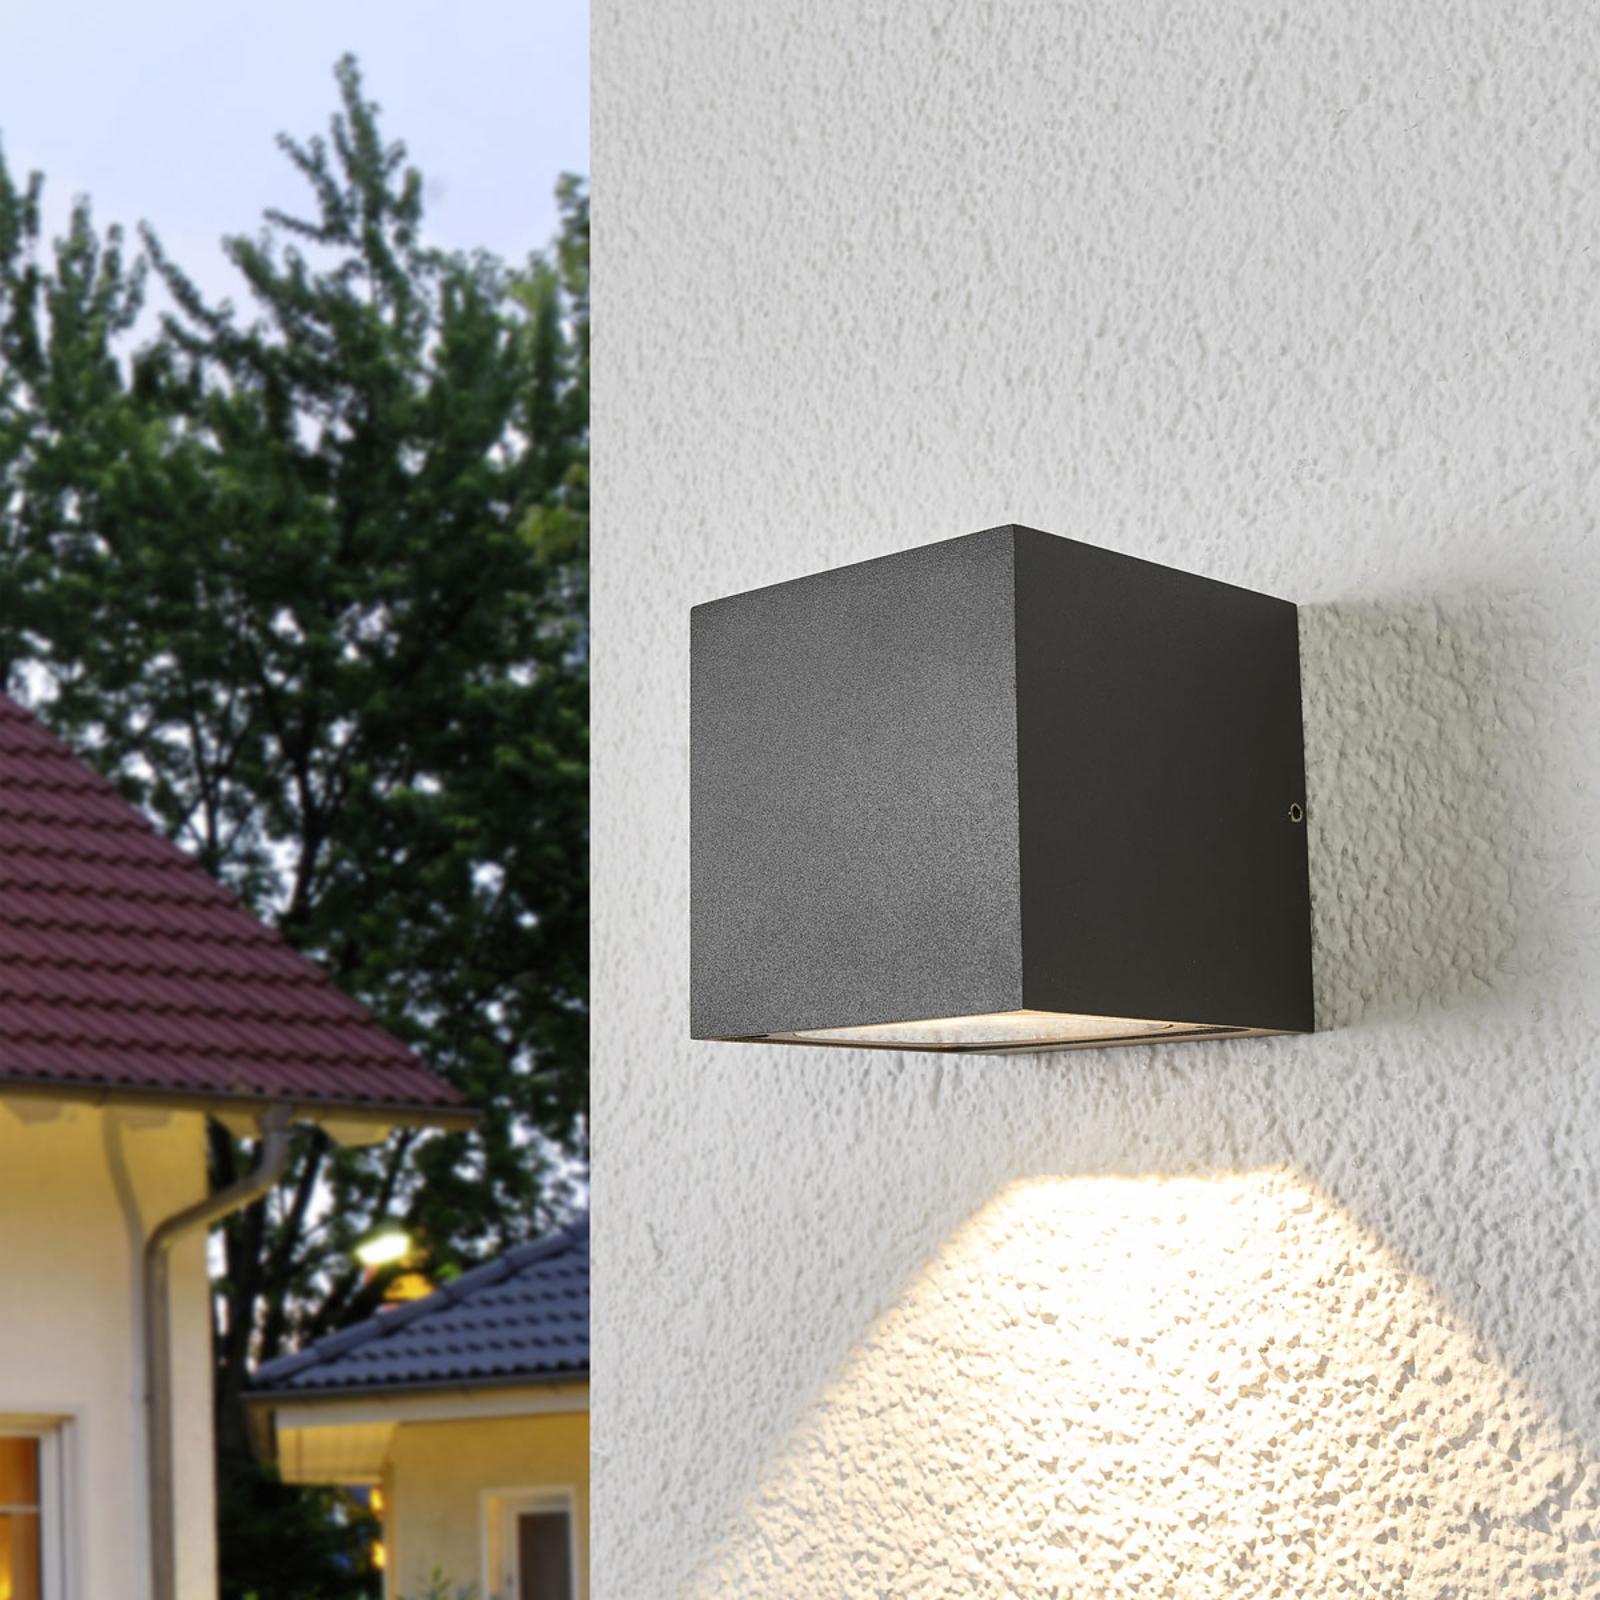 Applique d'extérieur LED Merjem éclairage bas